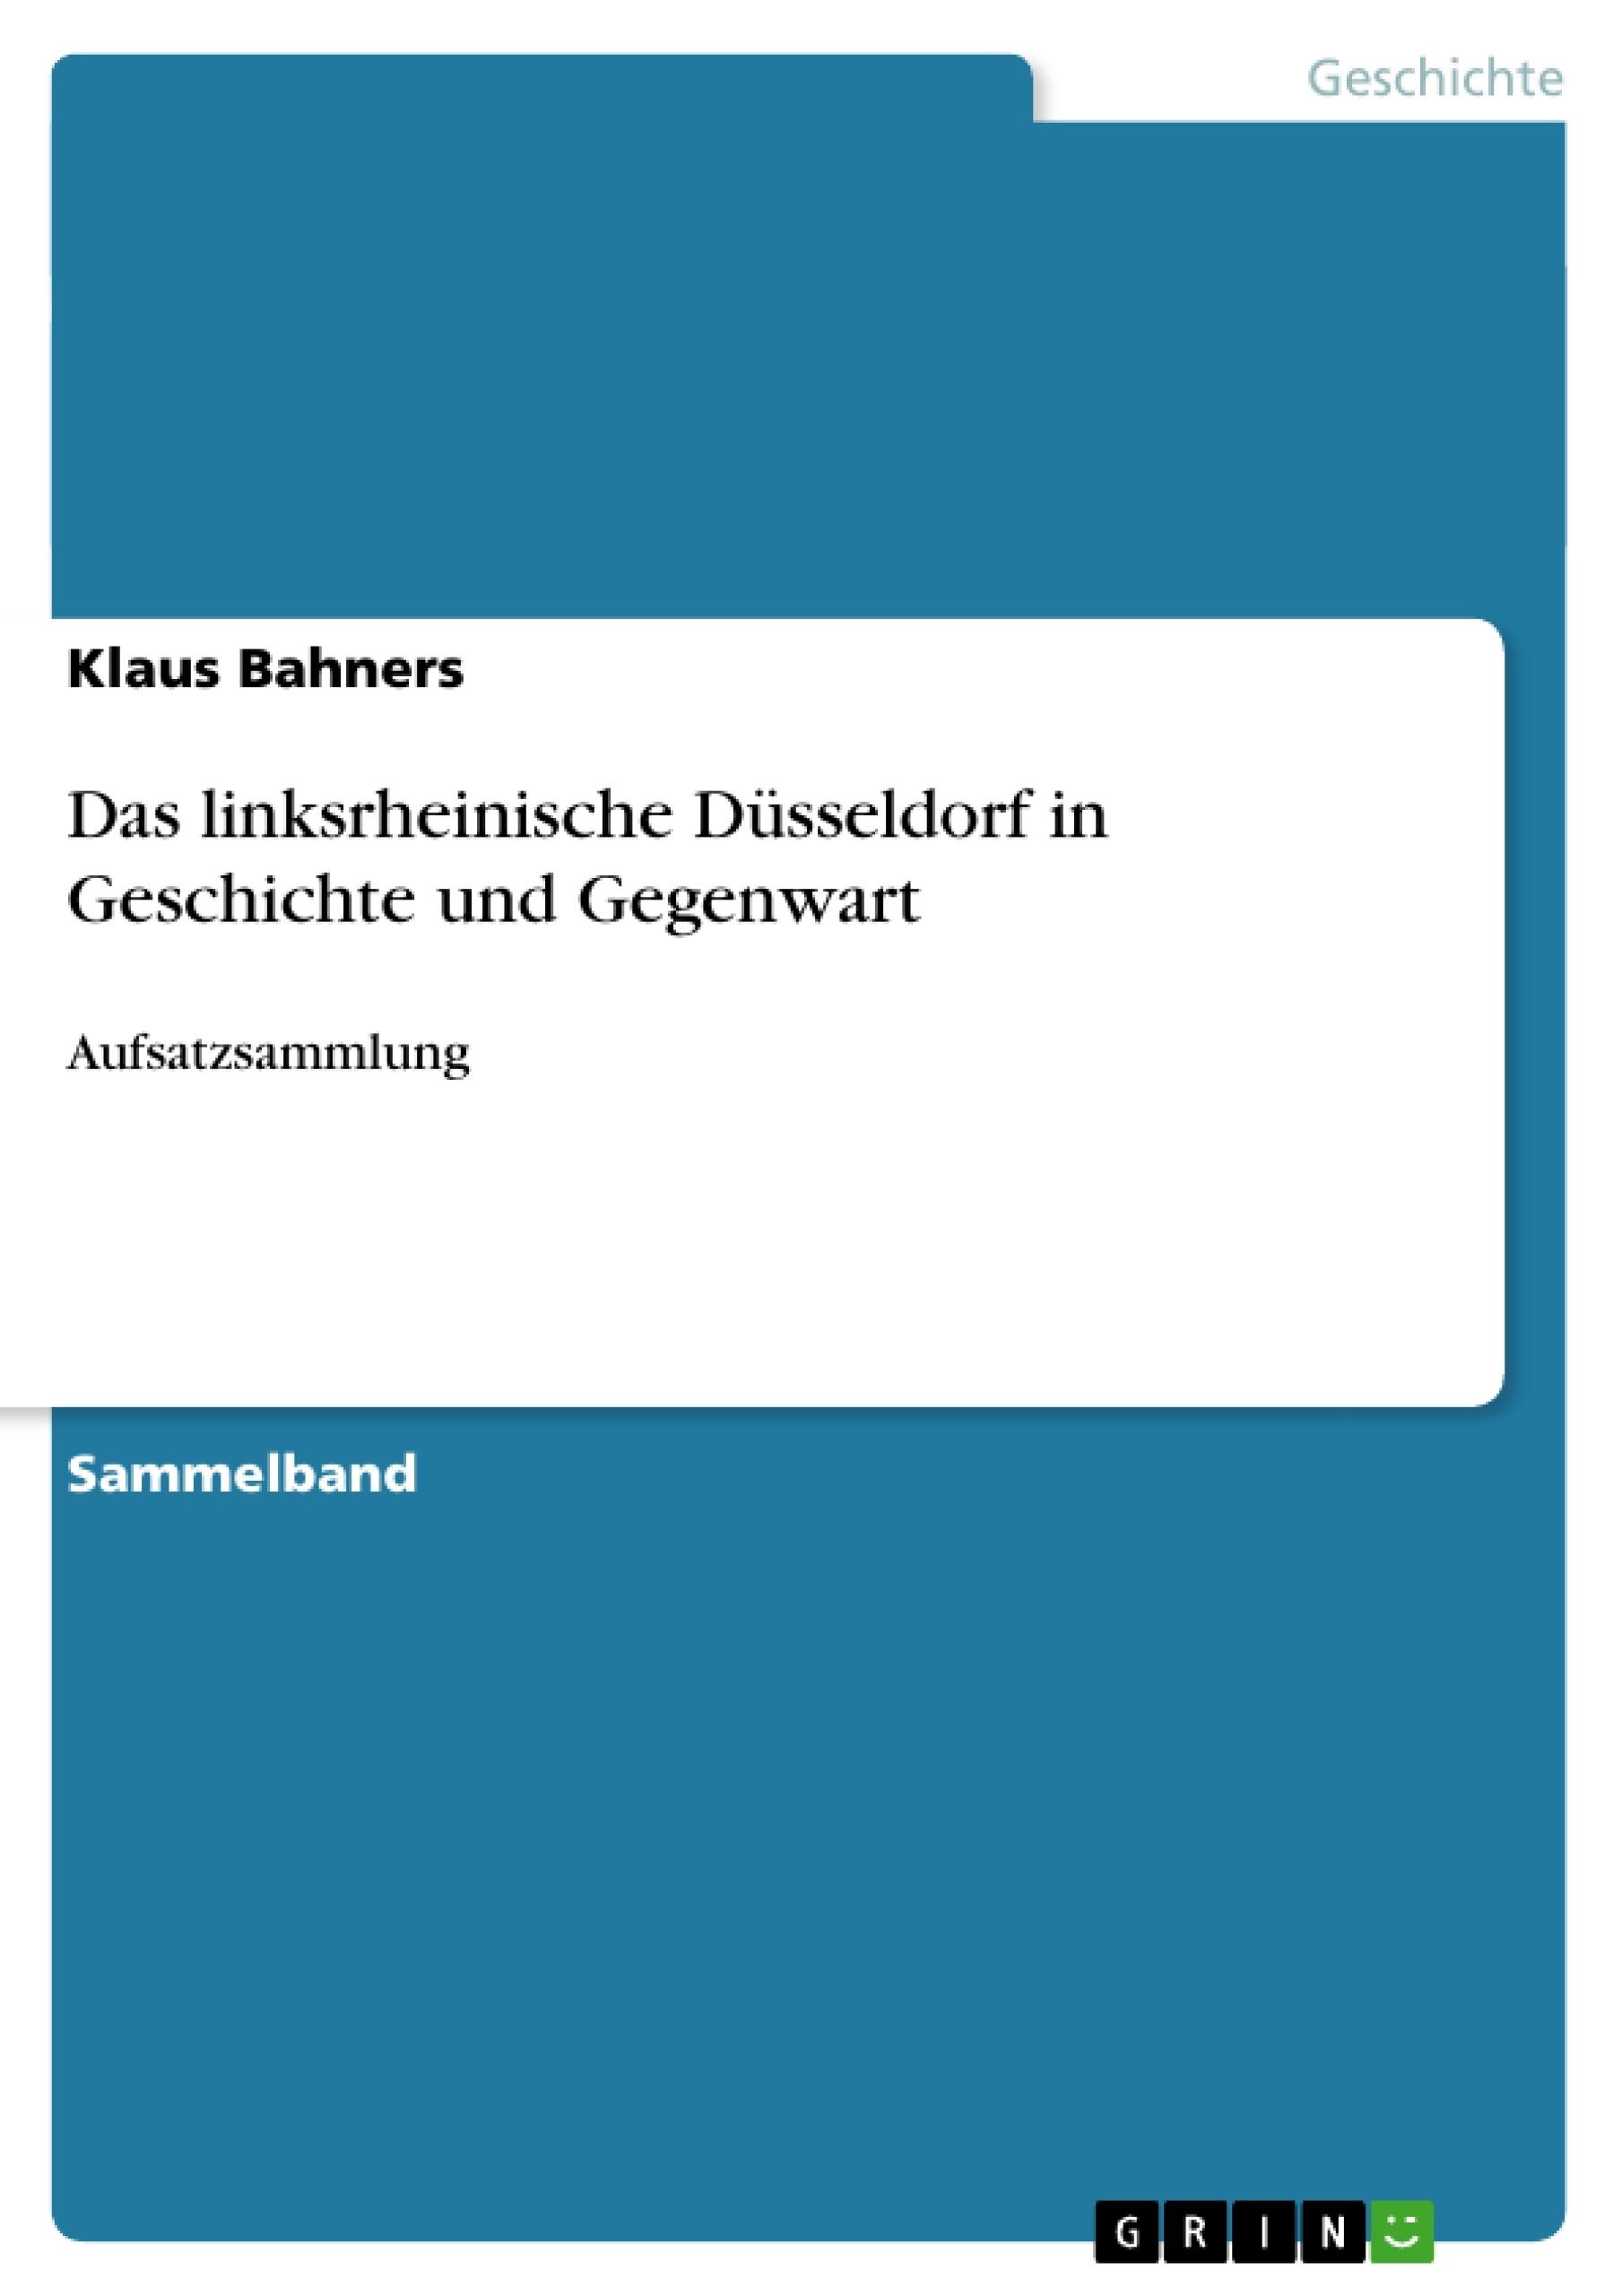 Titel: Das linksrheinische Düsseldorf in Geschichte und Gegenwart